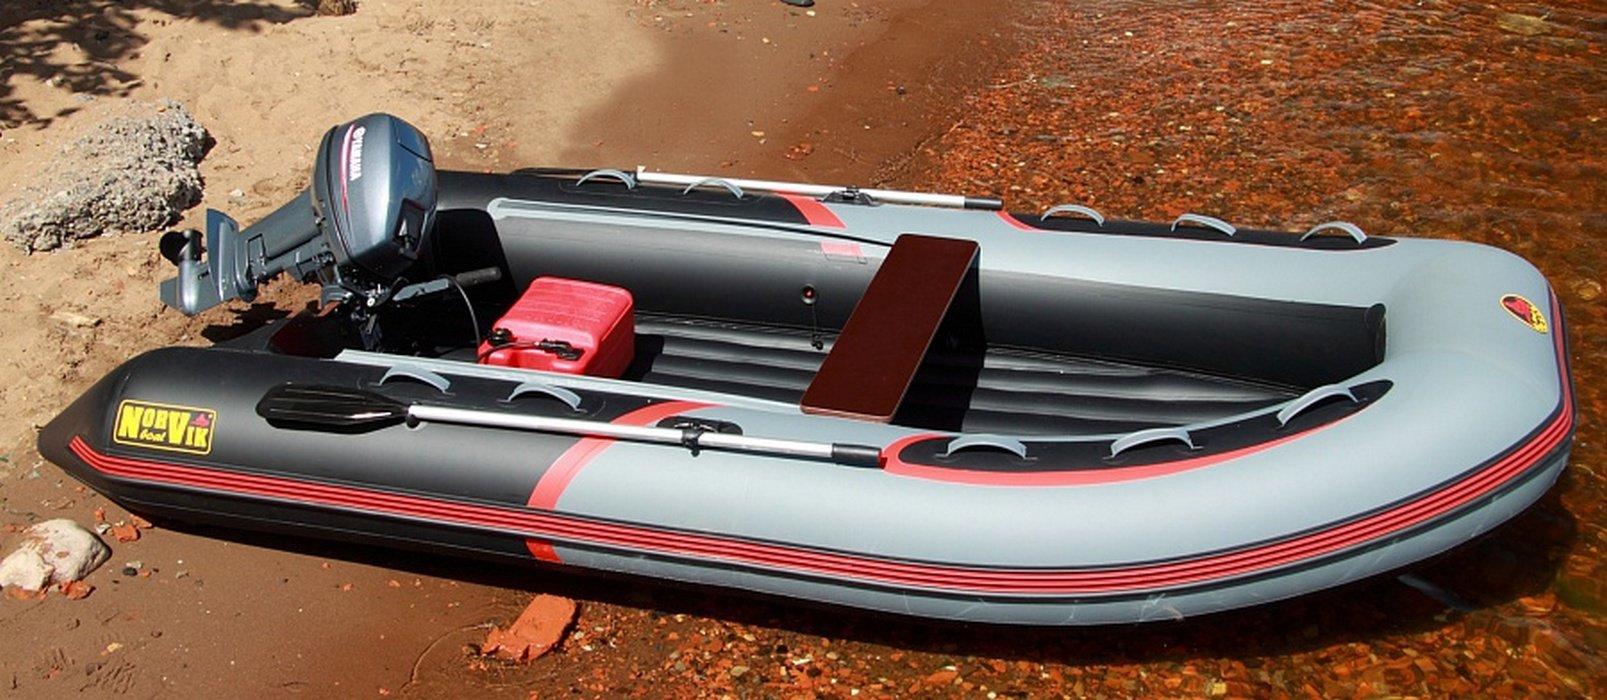 продажа лодок с мотором в кредит